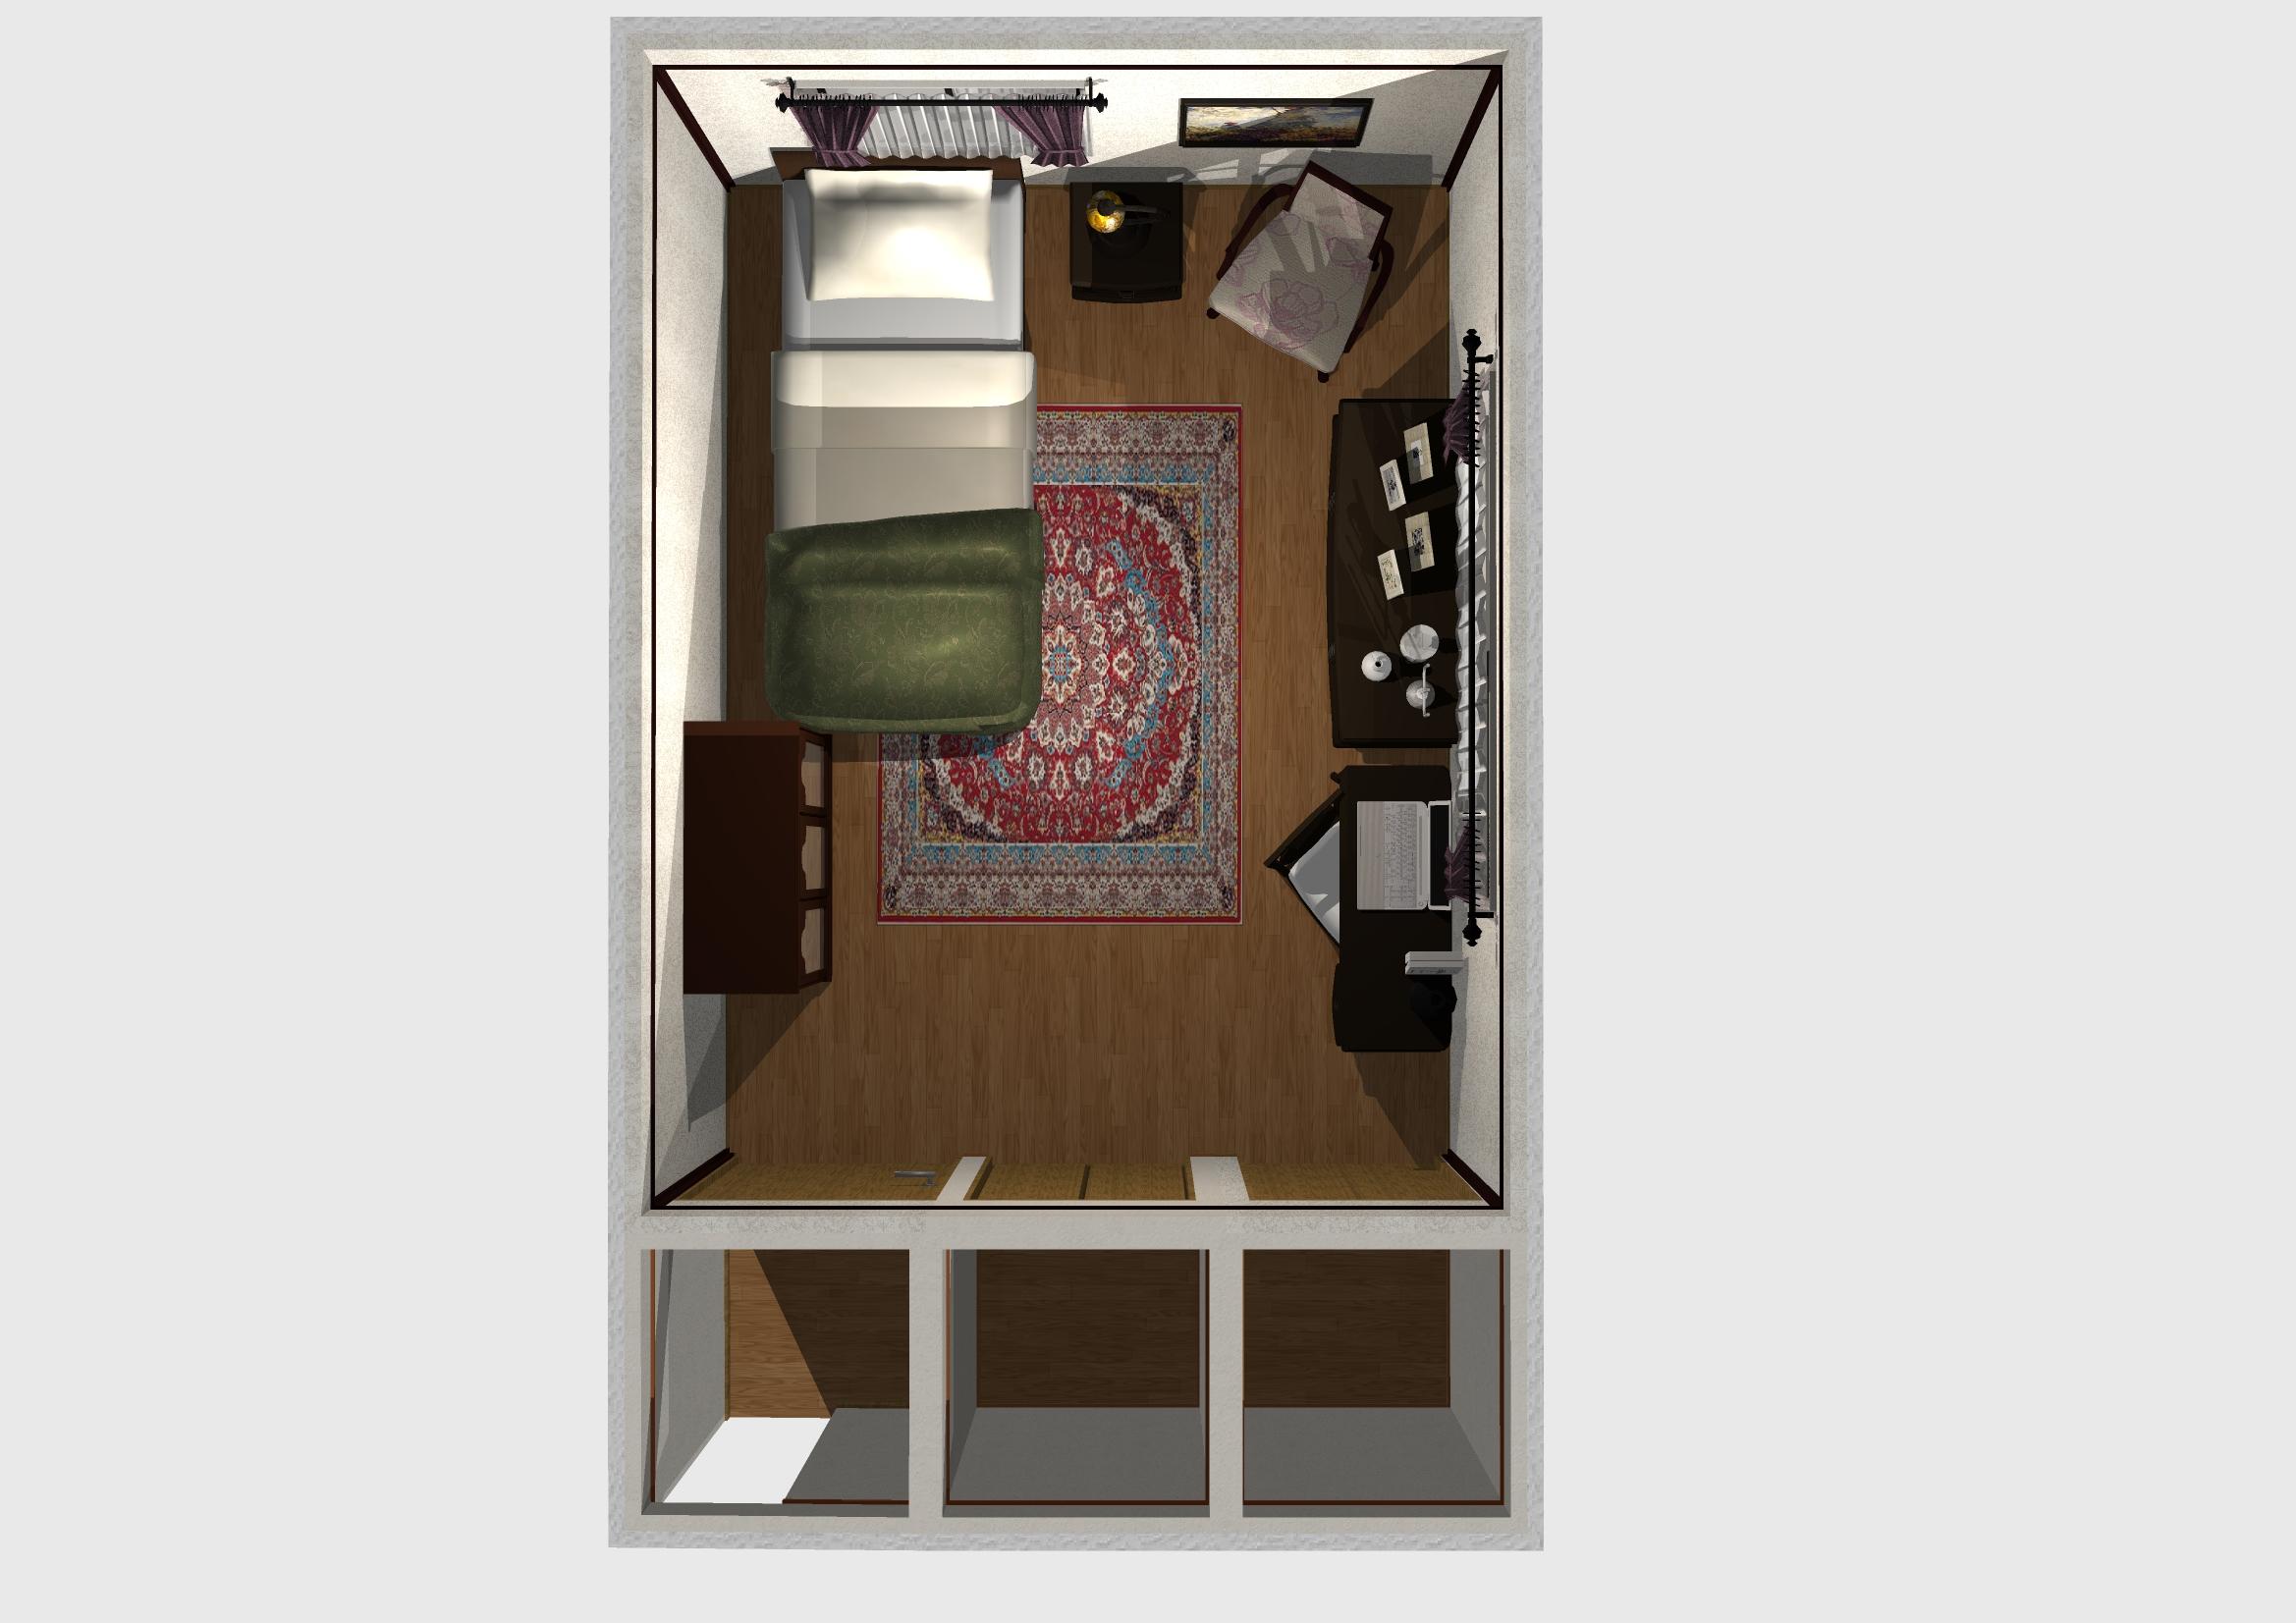 一人暮らし 寝室 インテリア コーディネート例 上面図 レトロ